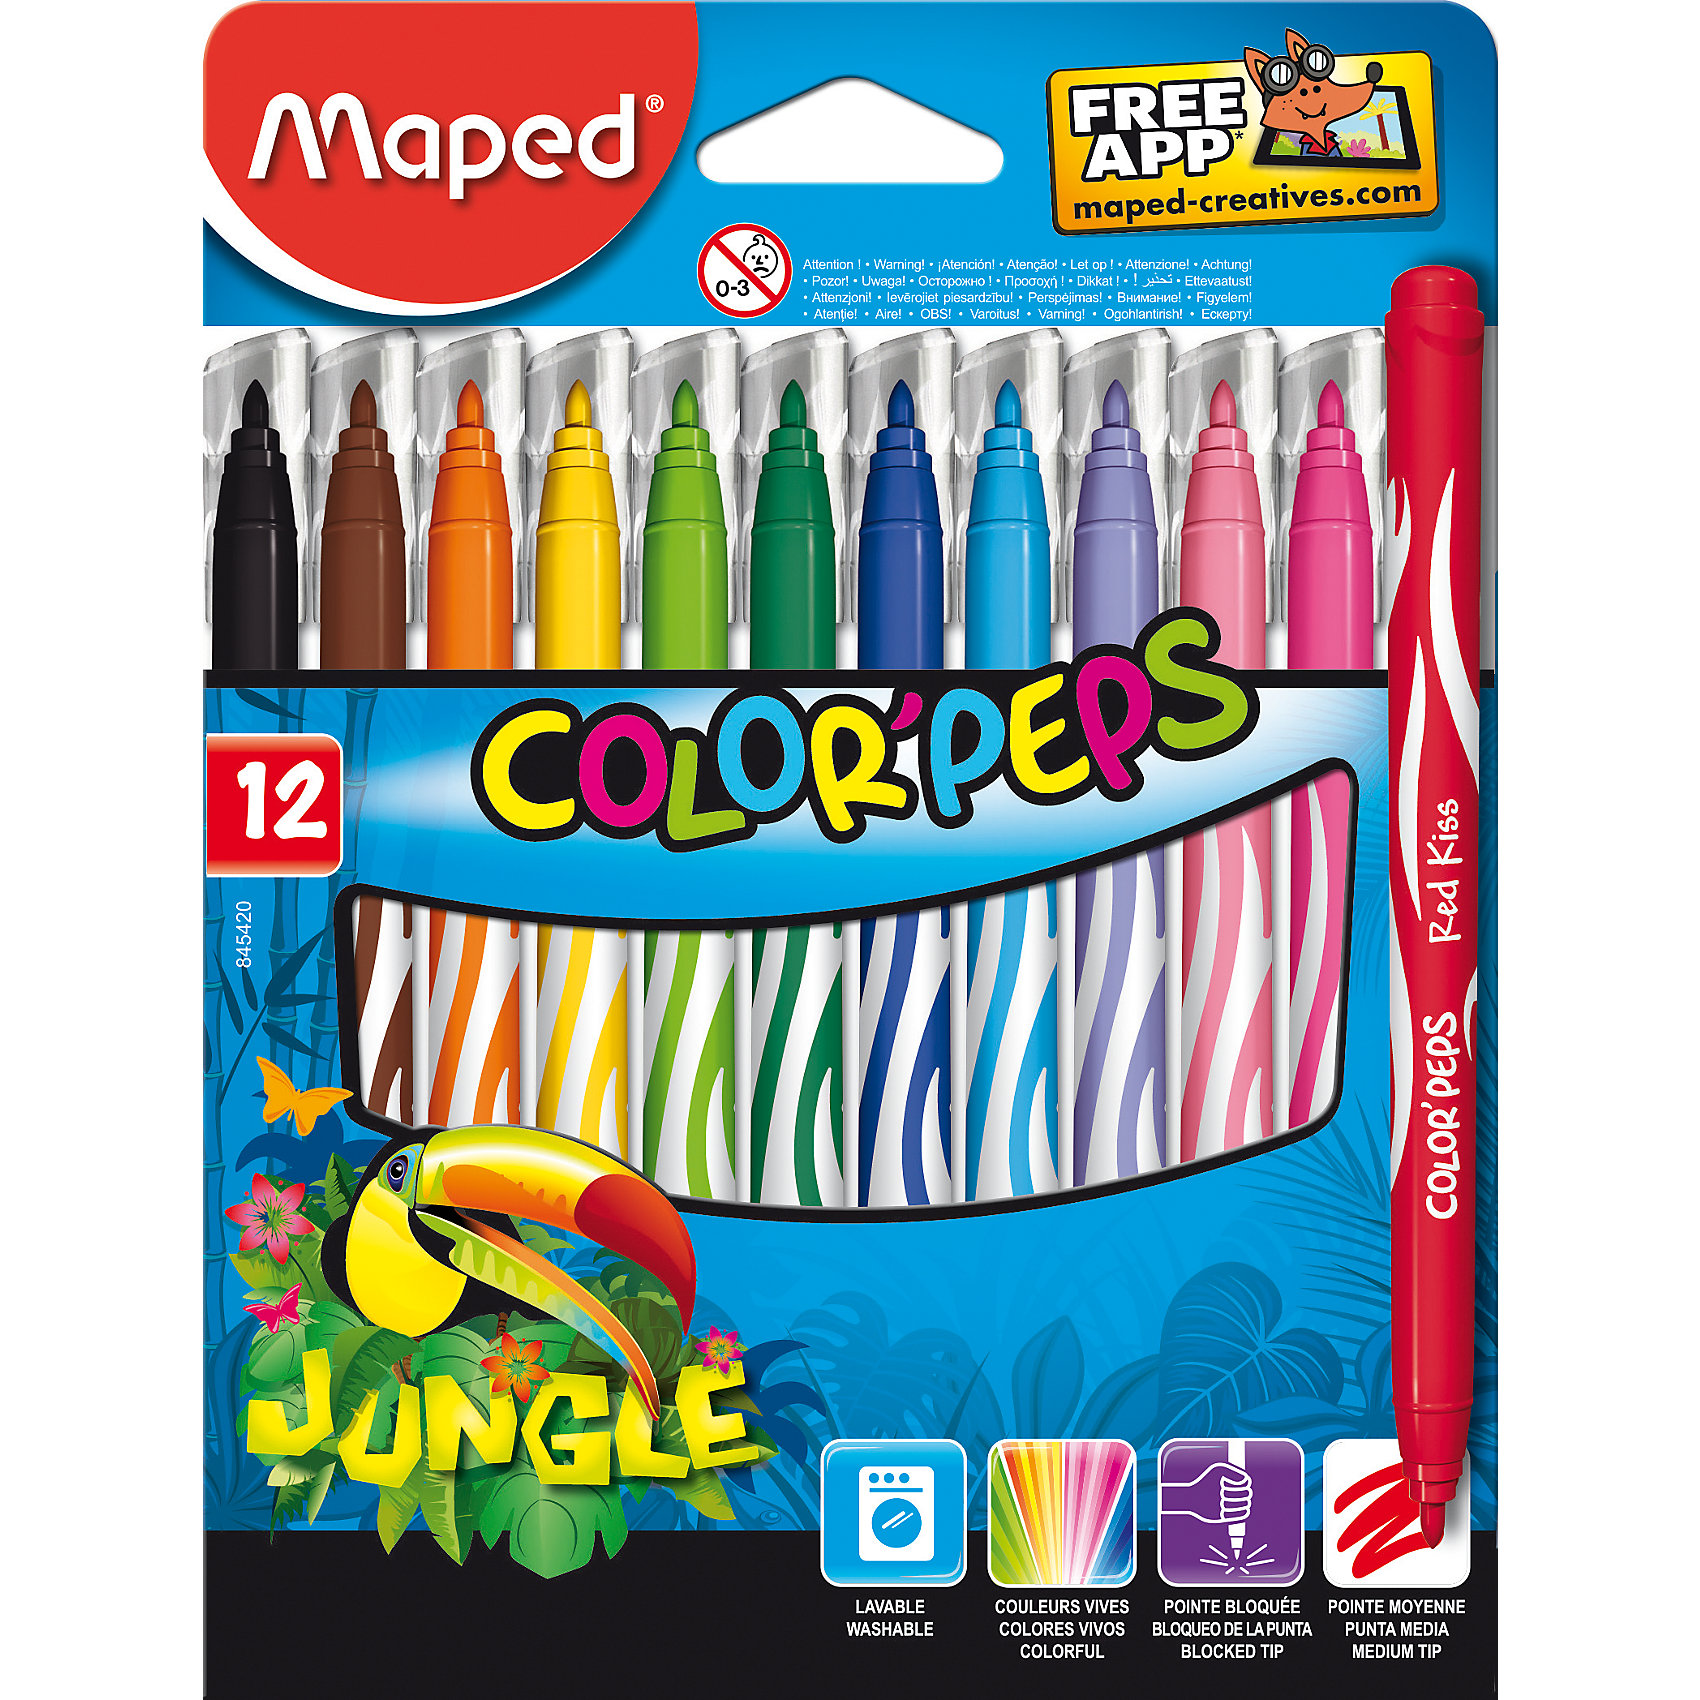 Фломастеры JUNGLE, 12 цветов, MAPEDФломастеры<br>Фломастеры JUNGLE, 12 цветов, MAPED (МАПЕД).<br><br>Характеристики:<br><br>• Для детей в возрасте: от 3 лет<br>• В наборе: 12 разноцветных фломастеров<br>• Длина корпуса с колпачком: 14,3 см.<br>• Средний пишущий узел<br>• Толщина линии: 2,8 мм.<br>• Материал корпуса: пластик<br>• Упаковка: картонная коробка с подвесом<br>• Размер упаковки: 178х135х12 мм.<br>• Вес: 98 гр.<br><br>Фломастеры JUNGLE предназначены раскрашивания и рисования. В наборе 12 фломастеров, ярких насыщенных цветов. Фломастеры имеют конусовидный, мягкий стержень, оснащены вентилируемыми колпачками. Заблокированный пишущий узел обеспечивает долговременное использование даже при сильном нажатии. Фломастеры суперсмываемые, смываются с помощью воды и мыла с любой ткани и кожи ребенка.<br><br>Фломастеры JUNGLE, 12 цветов, MAPED (МАПЕД) можно купить в нашем интернет-магазине.<br><br>Ширина мм: 177<br>Глубина мм: 135<br>Высота мм: 12<br>Вес г: 172<br>Возраст от месяцев: 36<br>Возраст до месяцев: 2147483647<br>Пол: Унисекс<br>Возраст: Детский<br>SKU: 5530063